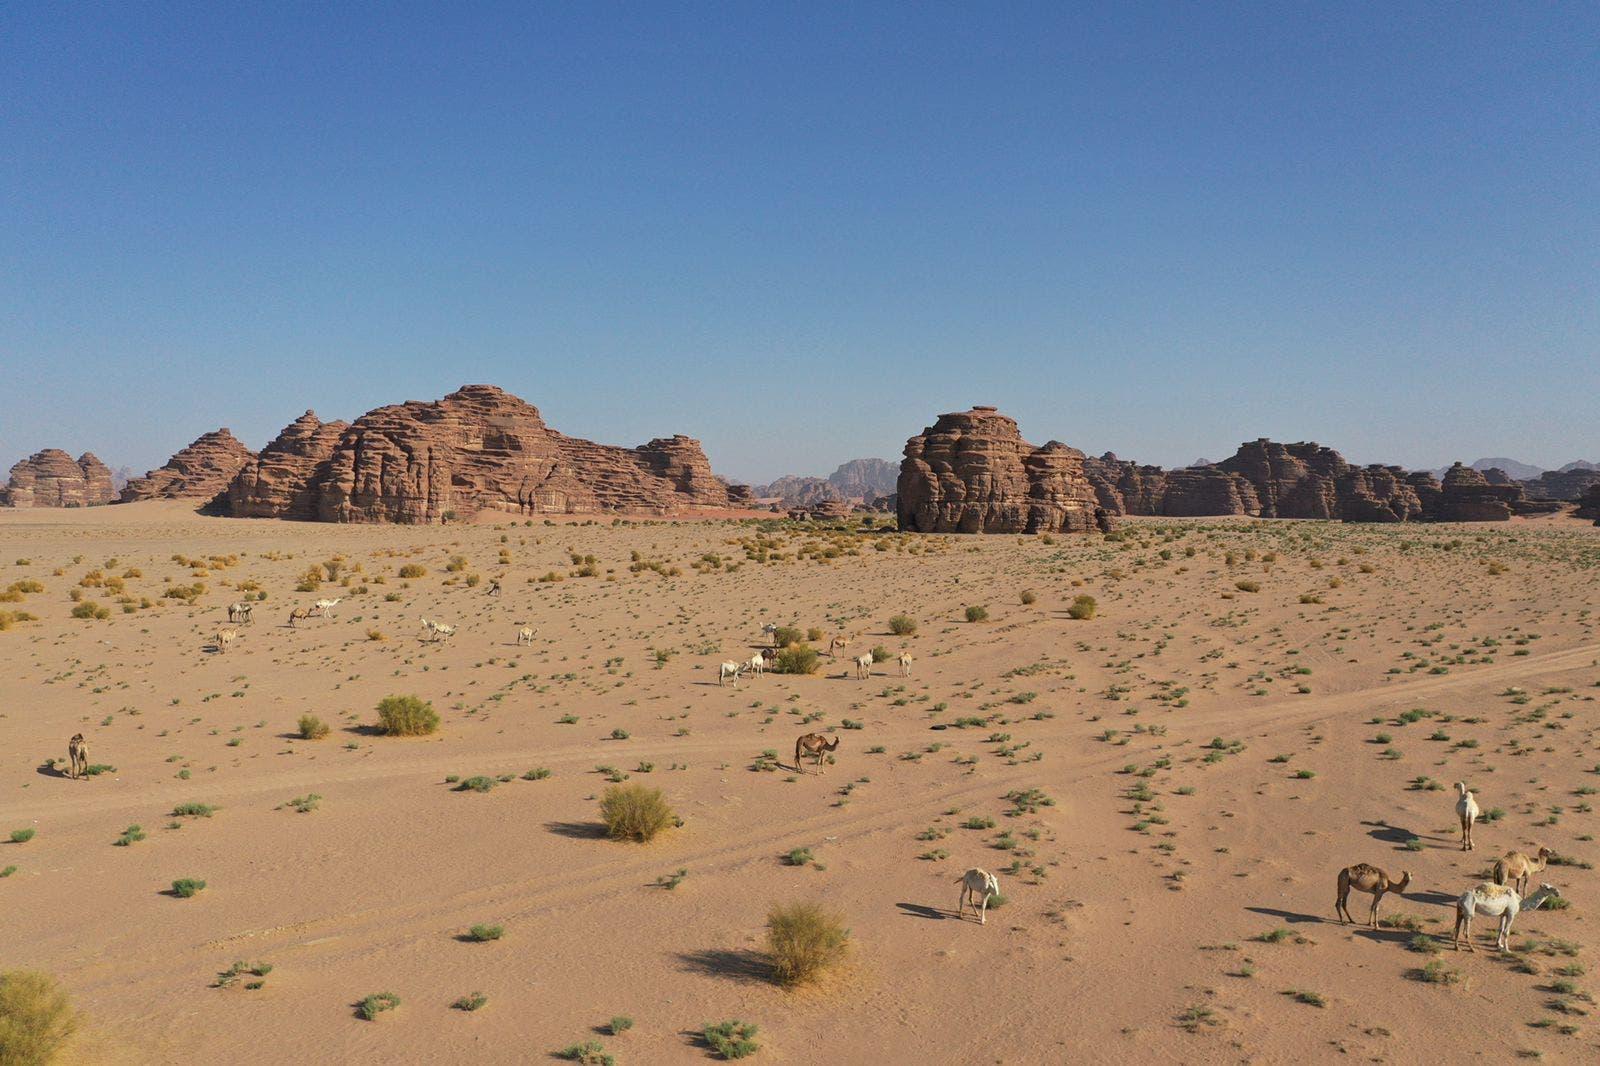 جبال بجده تعانق الصحراء